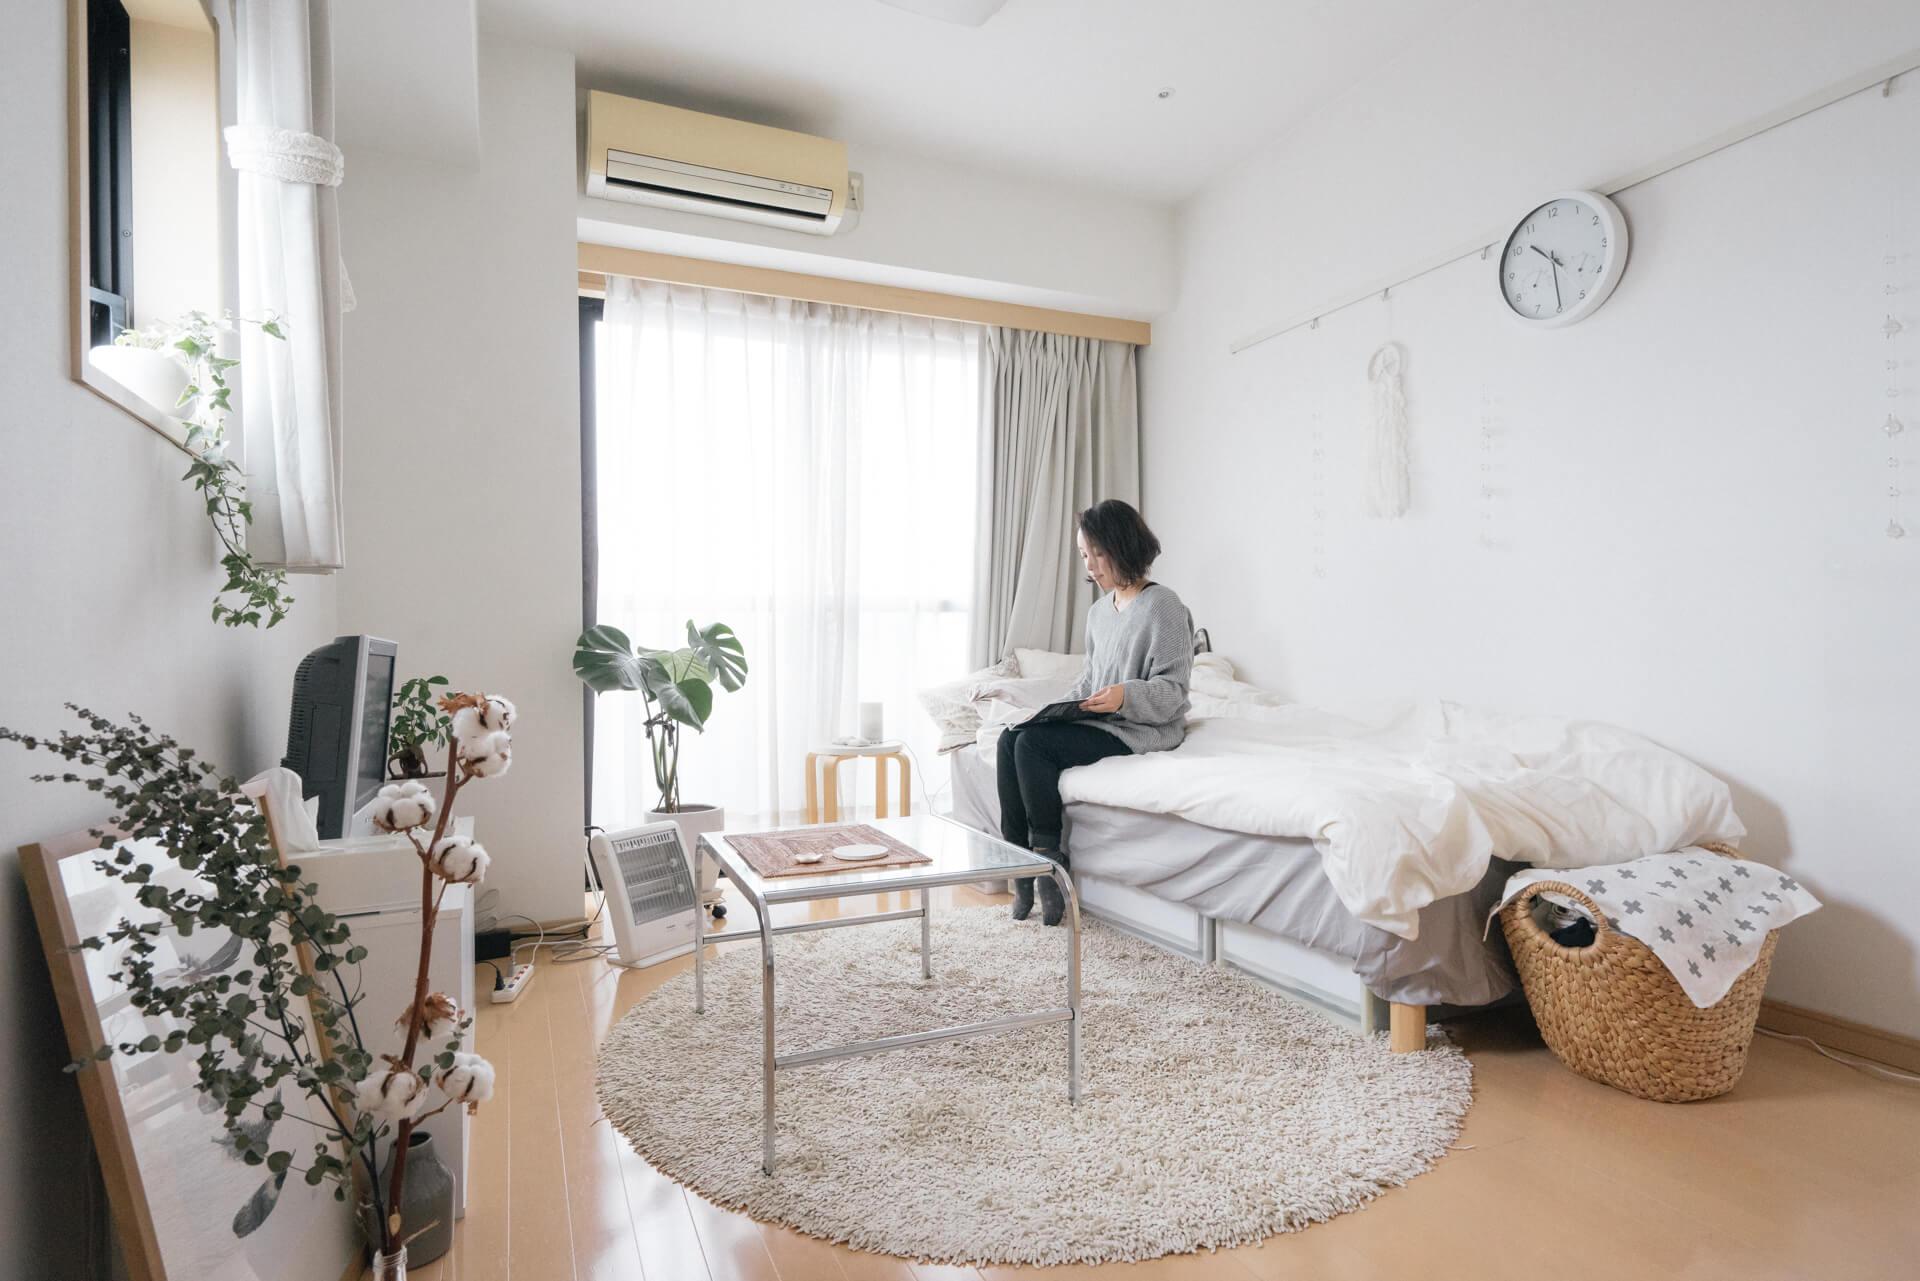 シンプルで、綺麗に整っているだけで、高い家具がなくても「おしゃれ」は作れます(このお部屋はこちら)